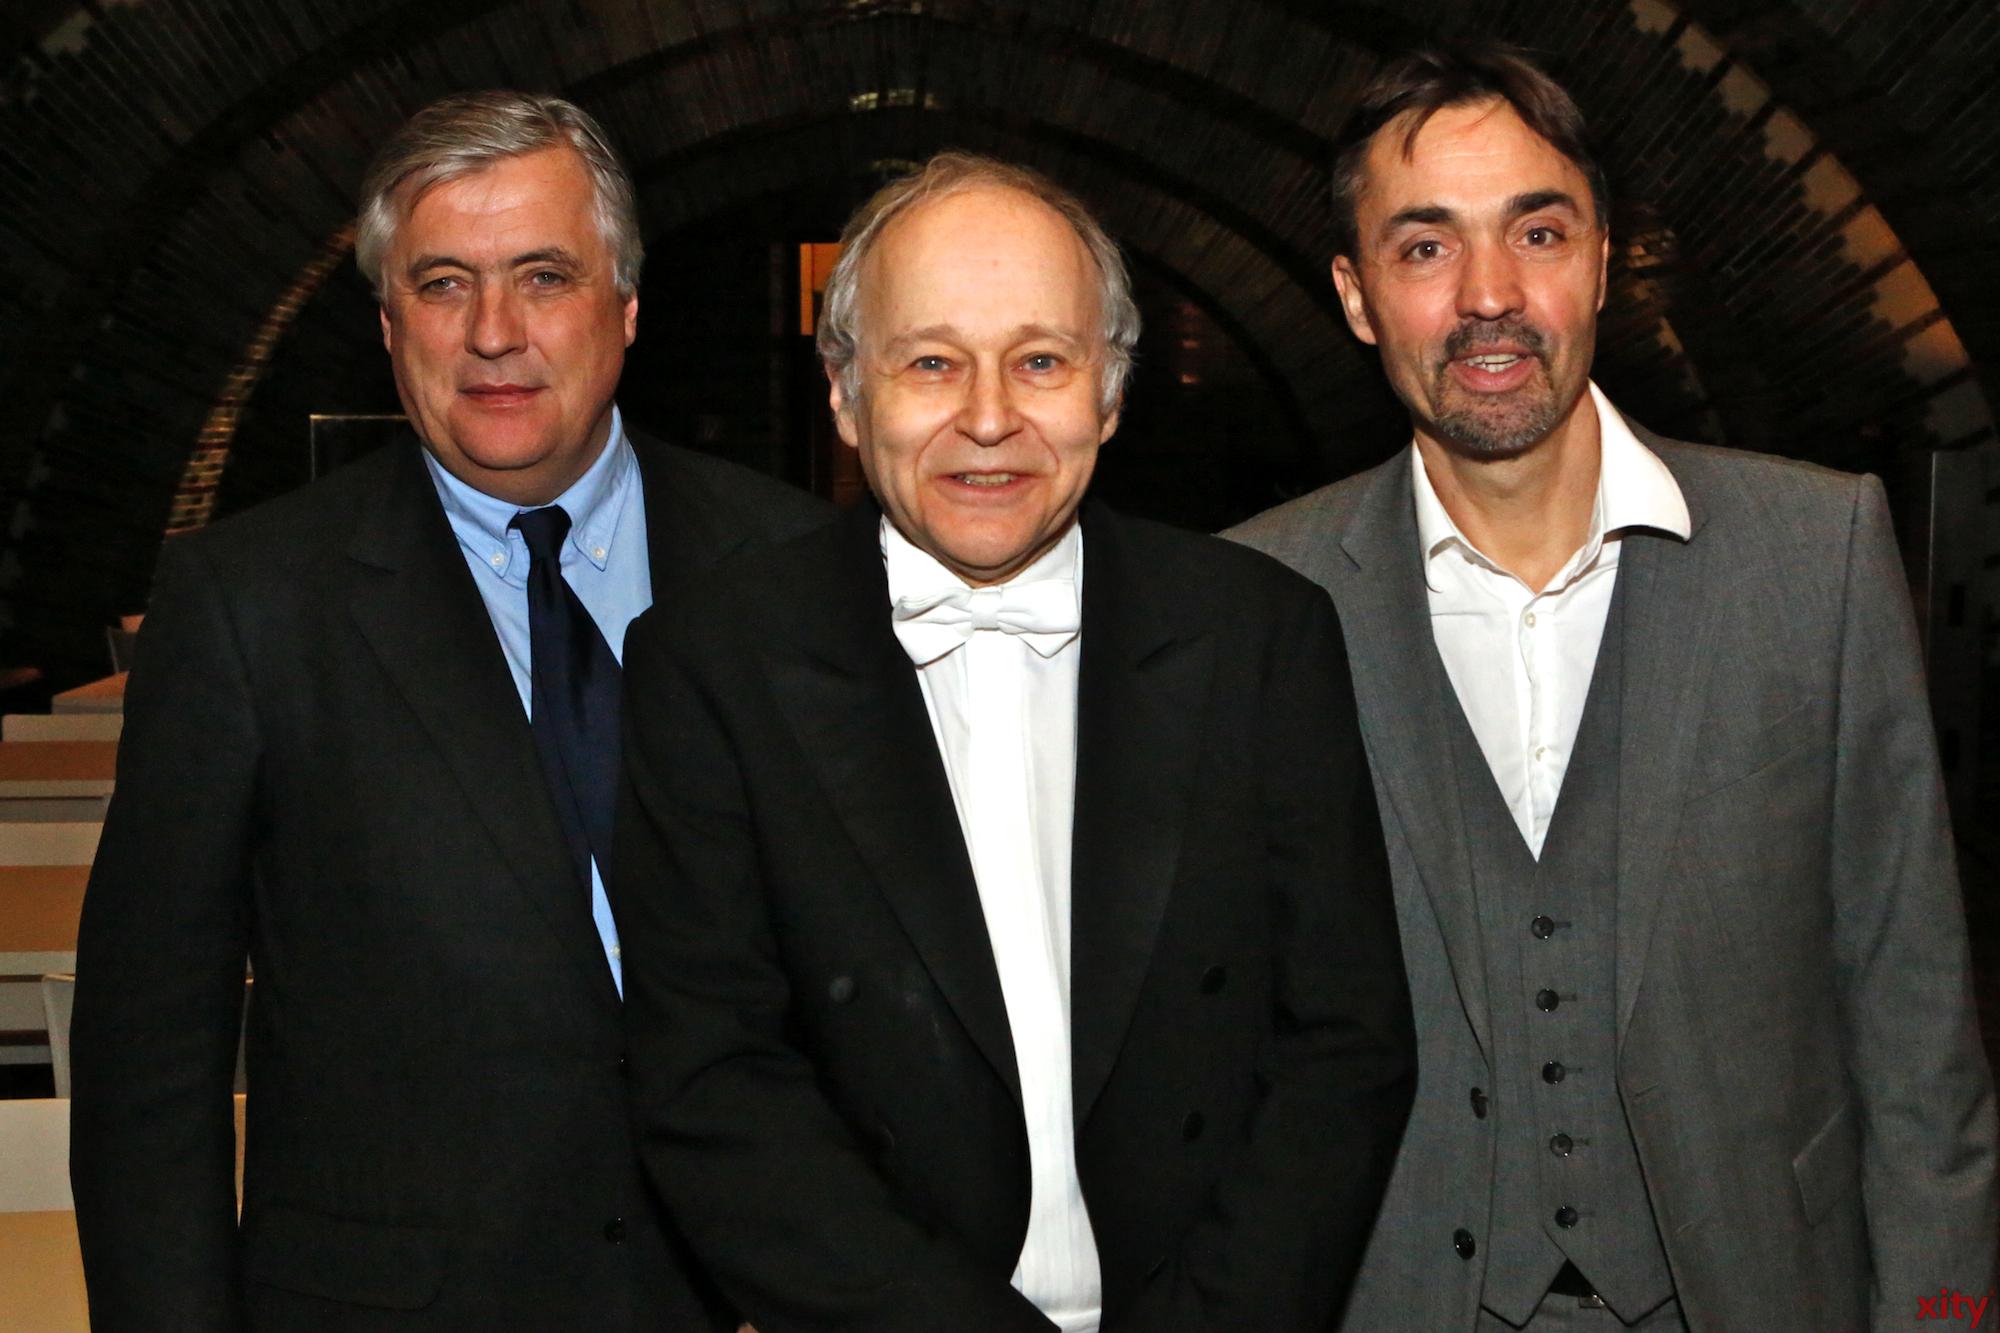 (v.l.) Patrick Schwarz-Schütte, Adam Fischer und Dr. Stefan Krieger (Foto: xity)